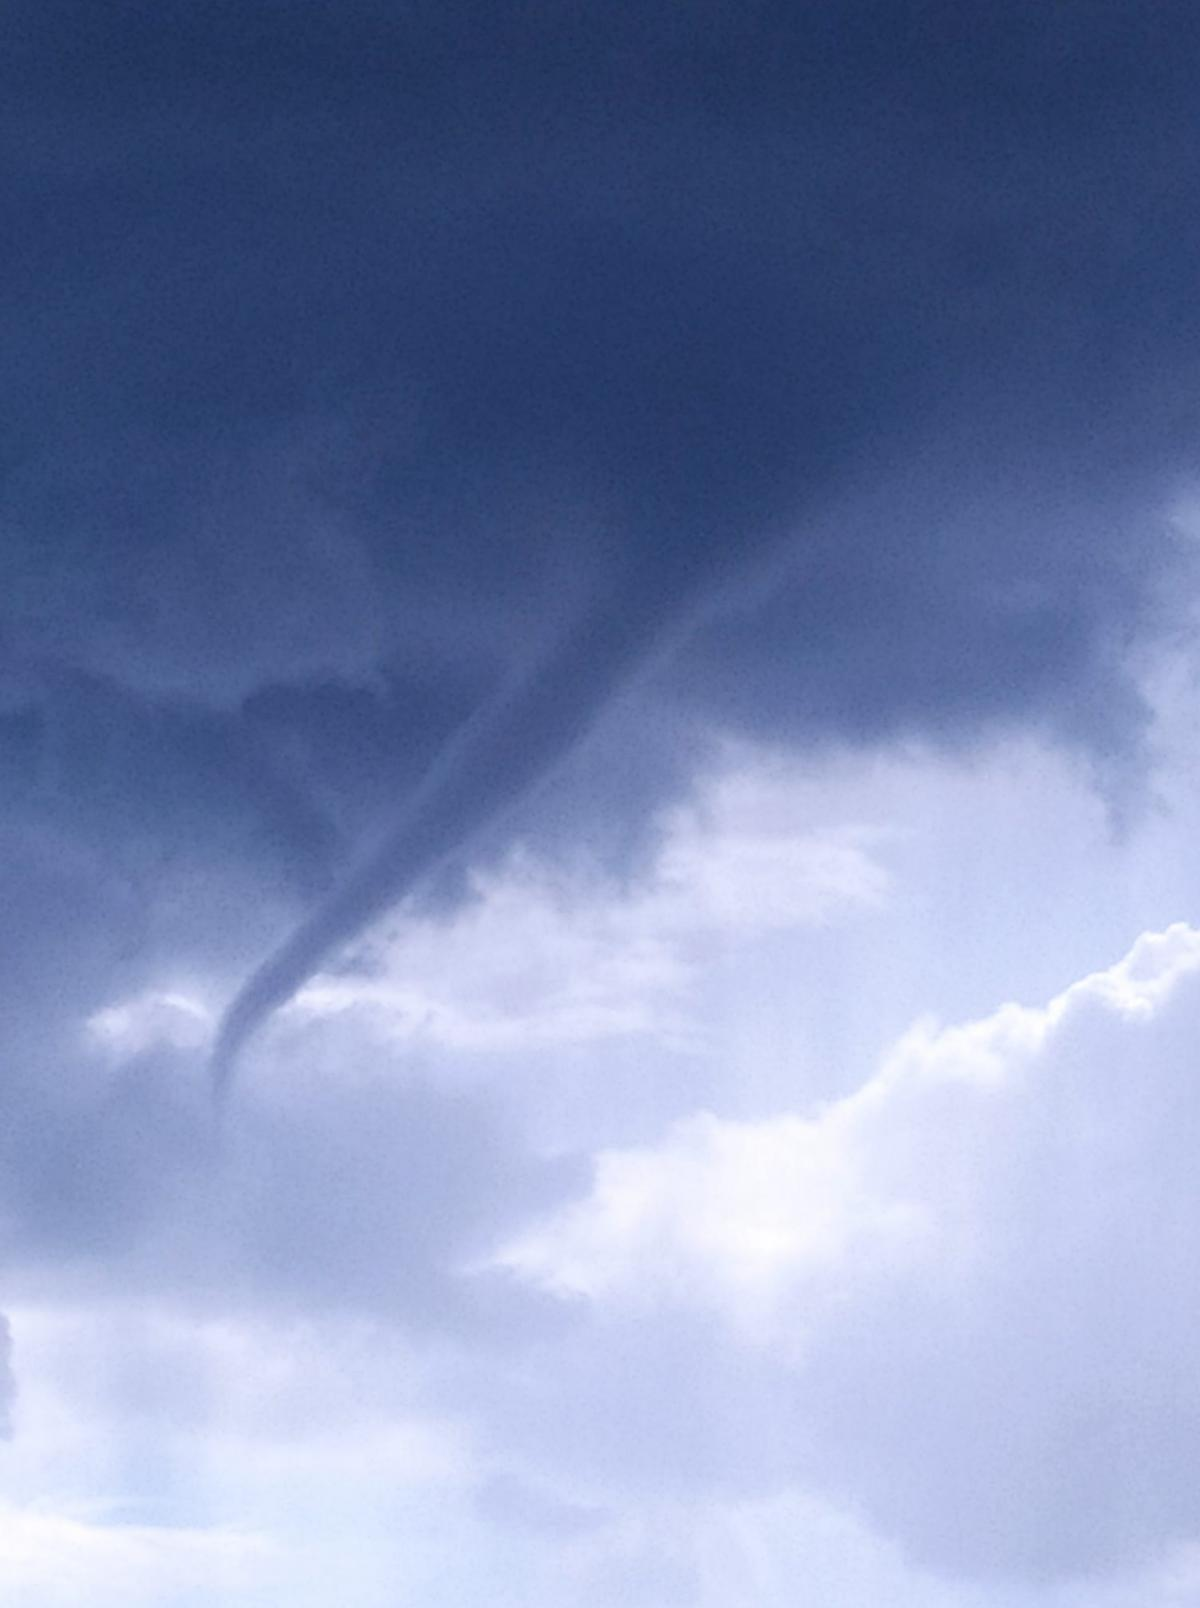 У Дніпропетровській області помітили торнадо / фото Тетяна Карпик